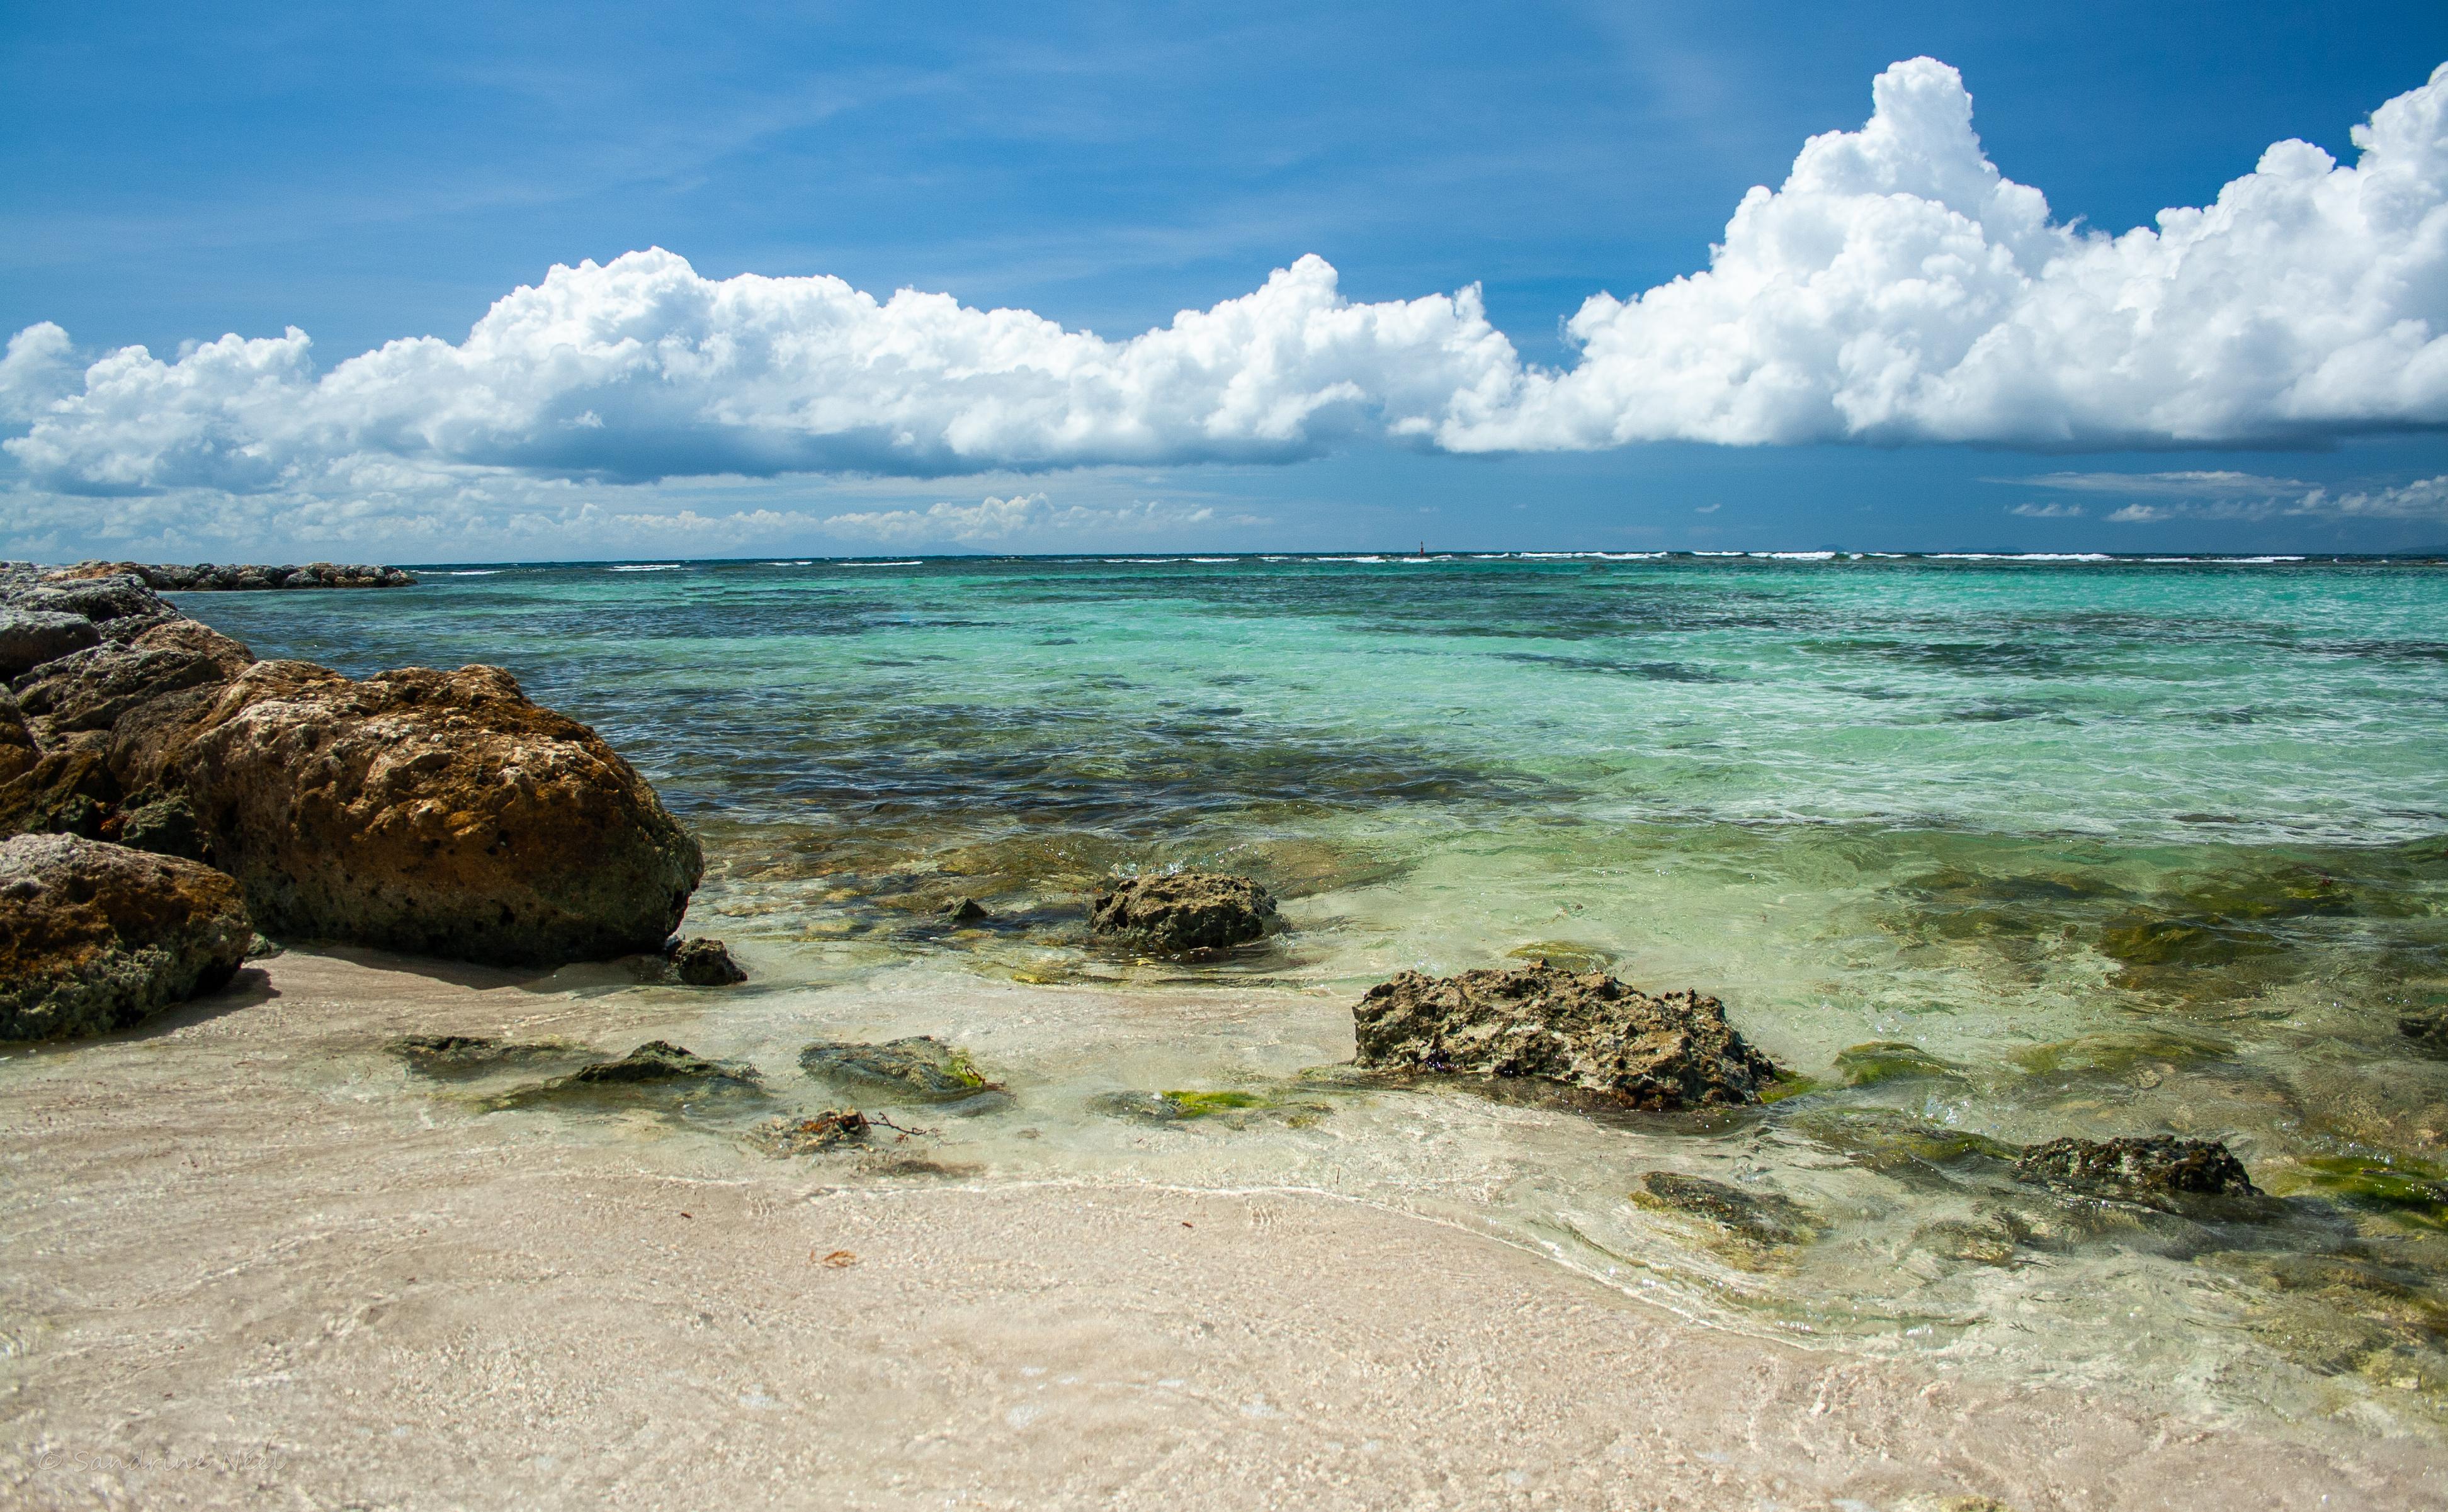 118333 скачать обои Море, Пляж, Камни, Облака, Природа - заставки и картинки бесплатно